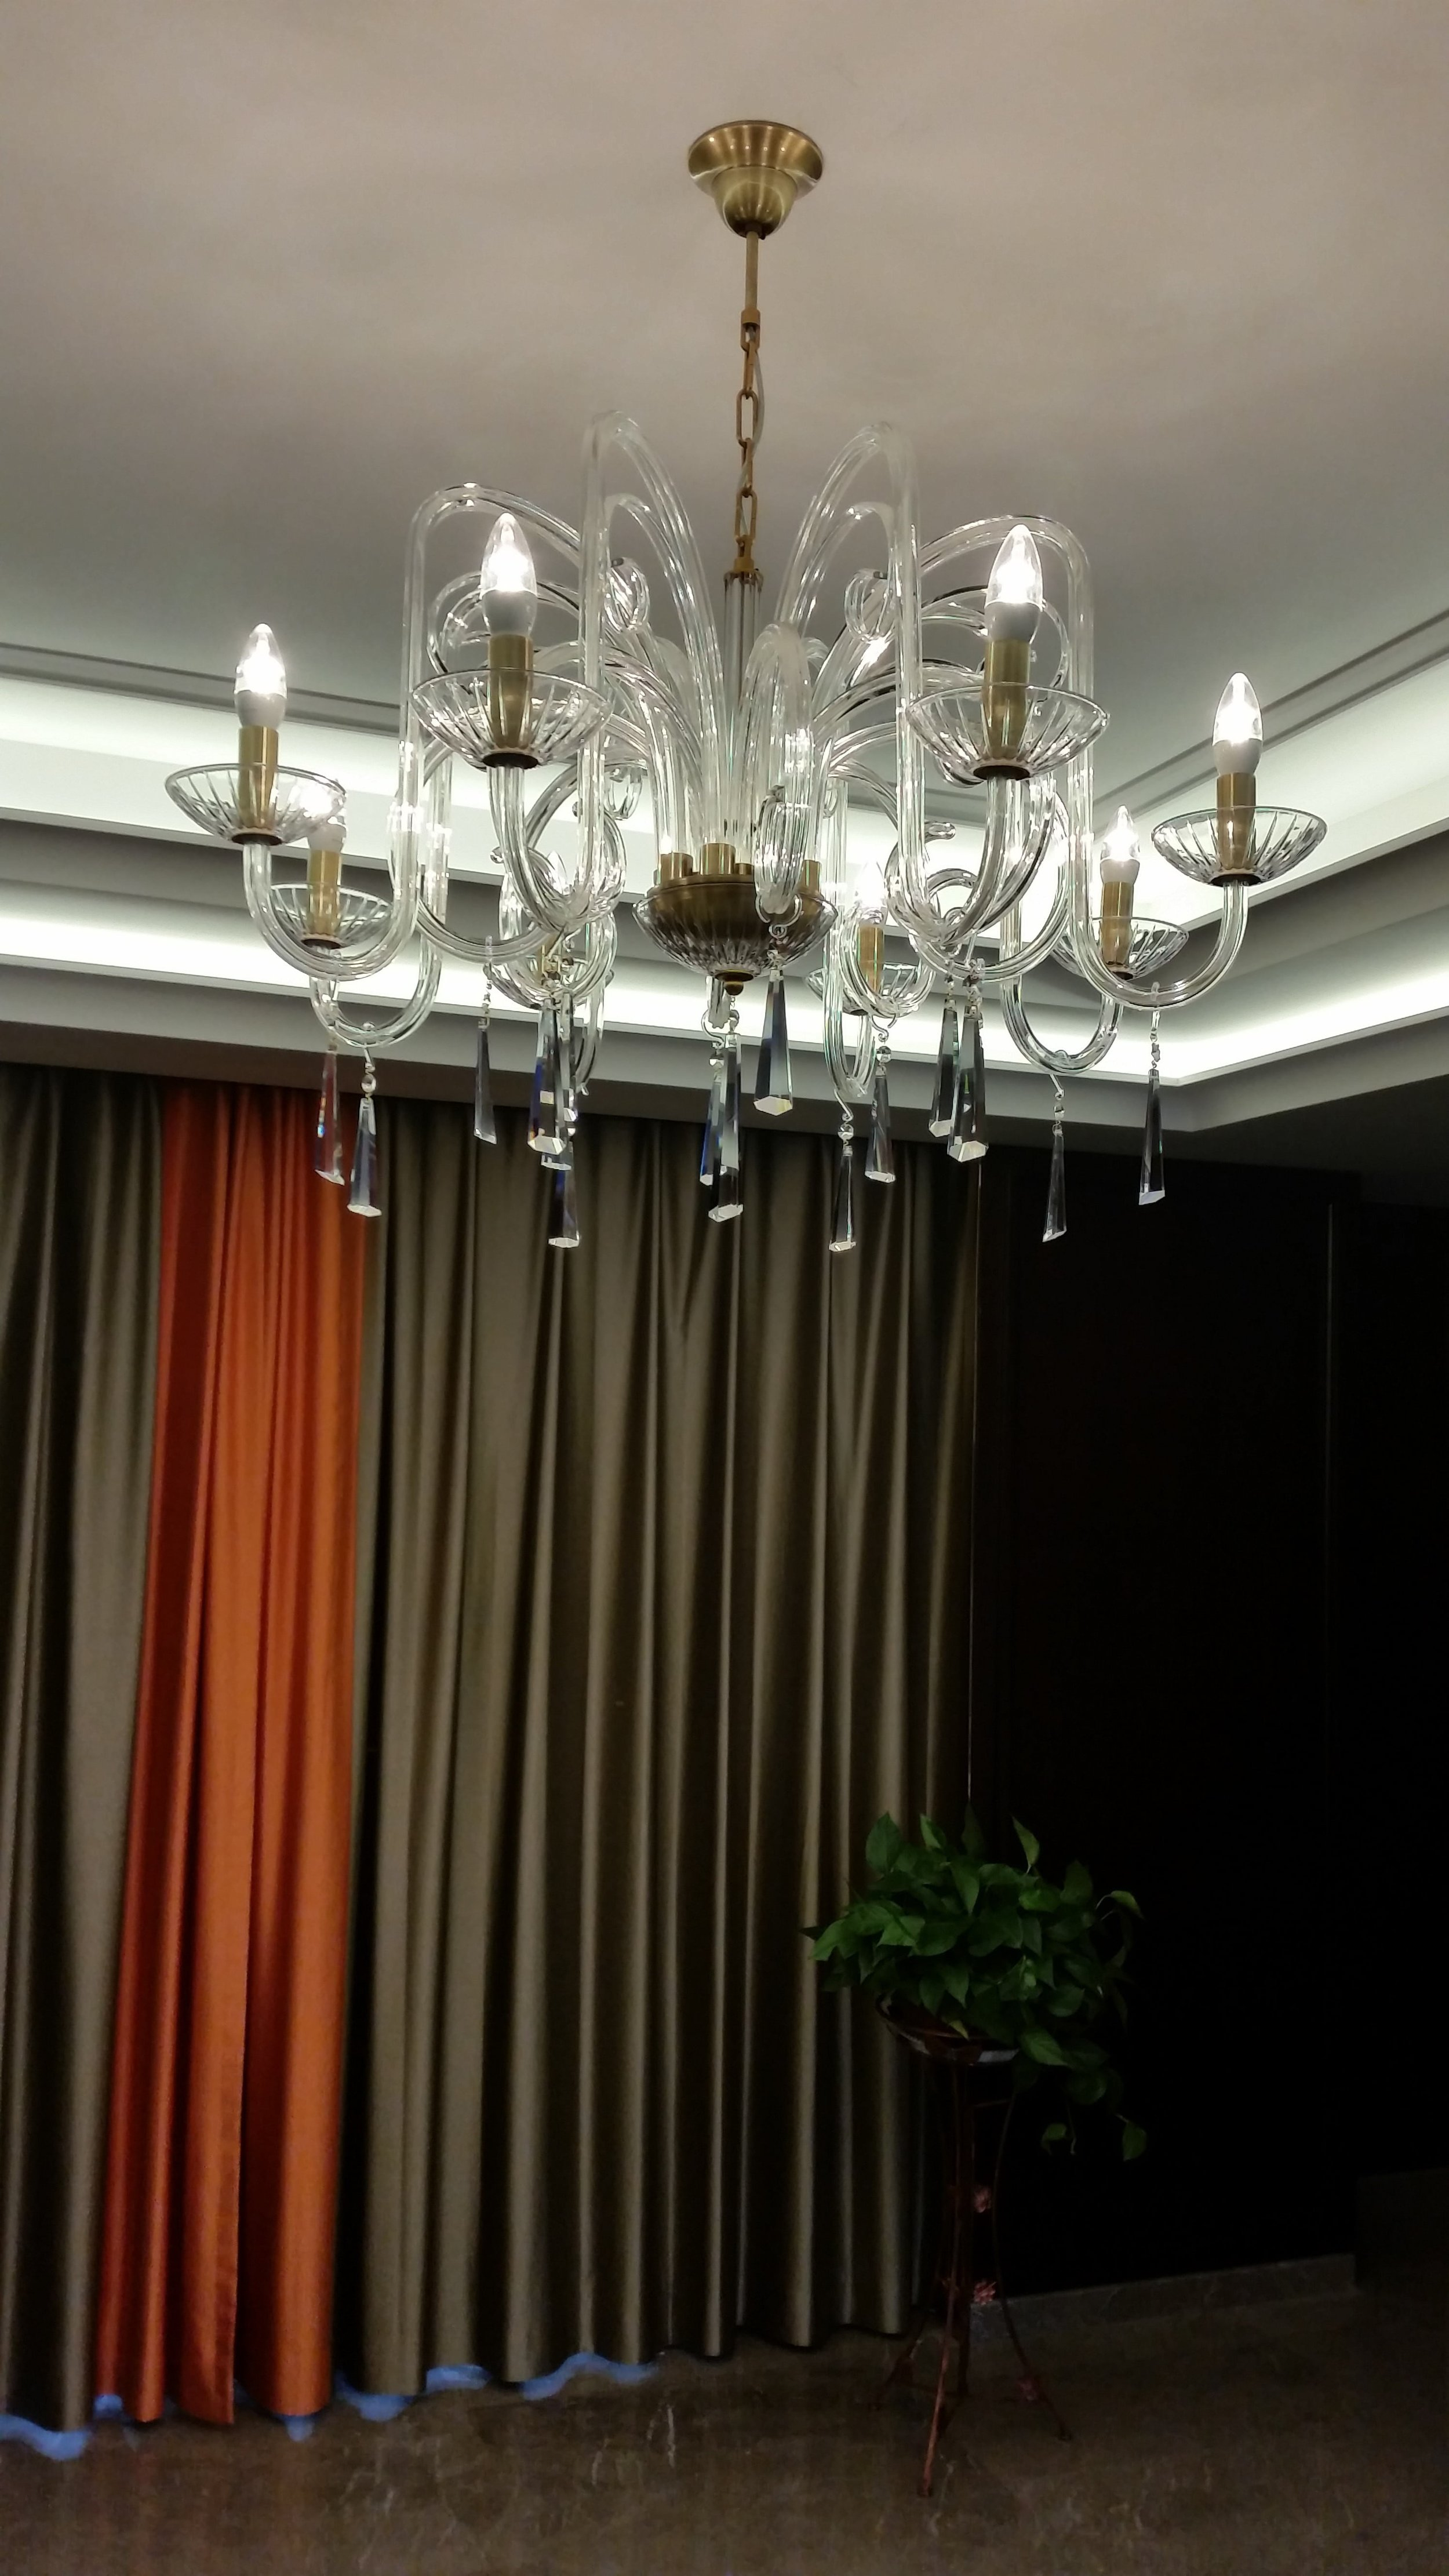 private-villa-china-wranovsky-crystal-chandelier-8.jpg